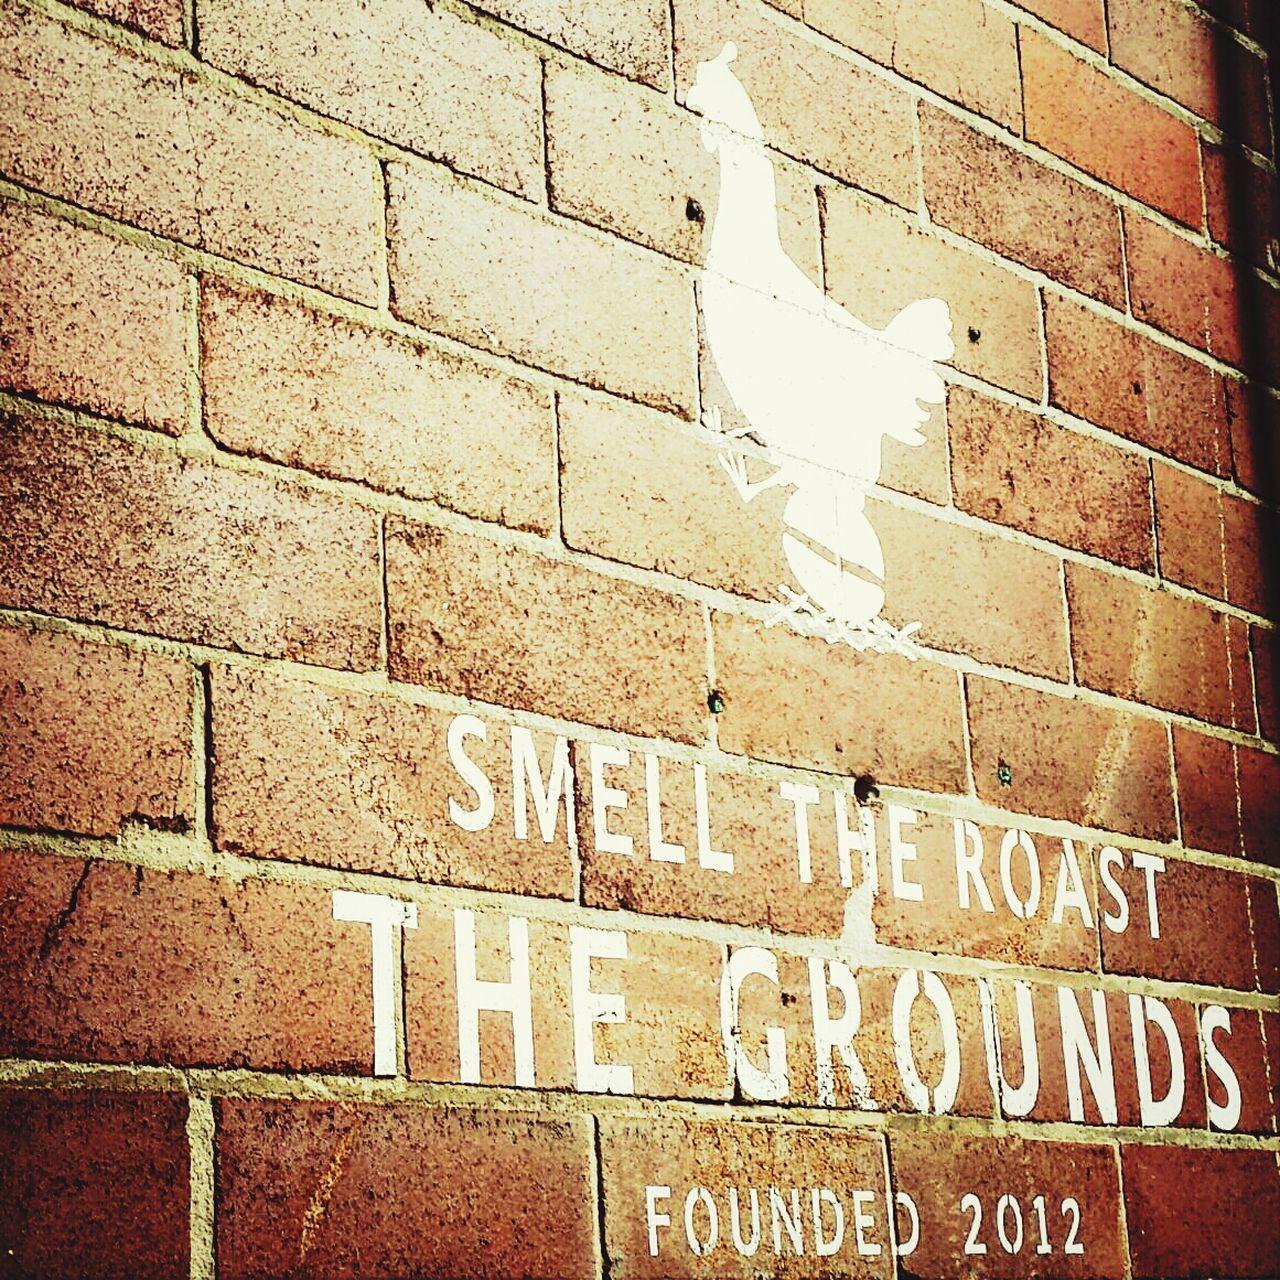 Finally, we meet. Thegroundsofalexandria Coffee